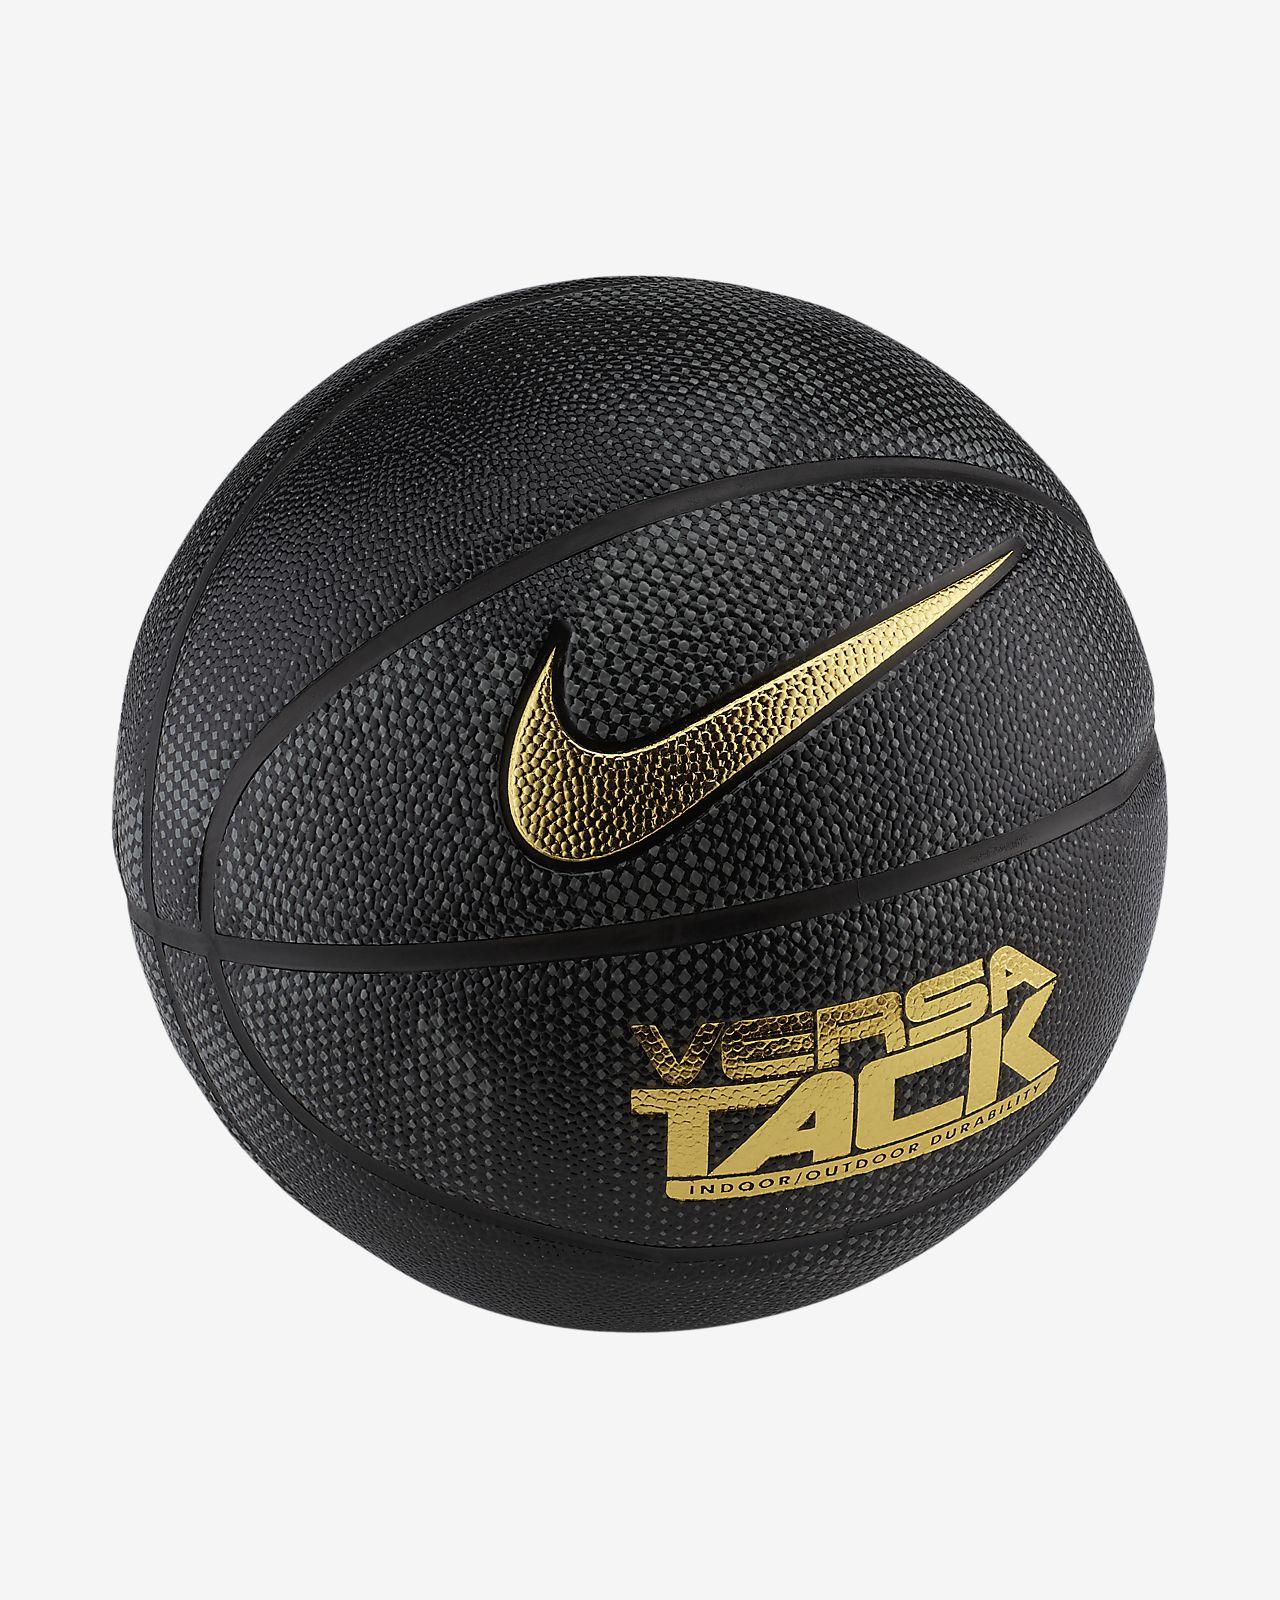 Bola de basquetebol Nike Versa Tack 8P. Nike.com PT 3cb9003e959d1